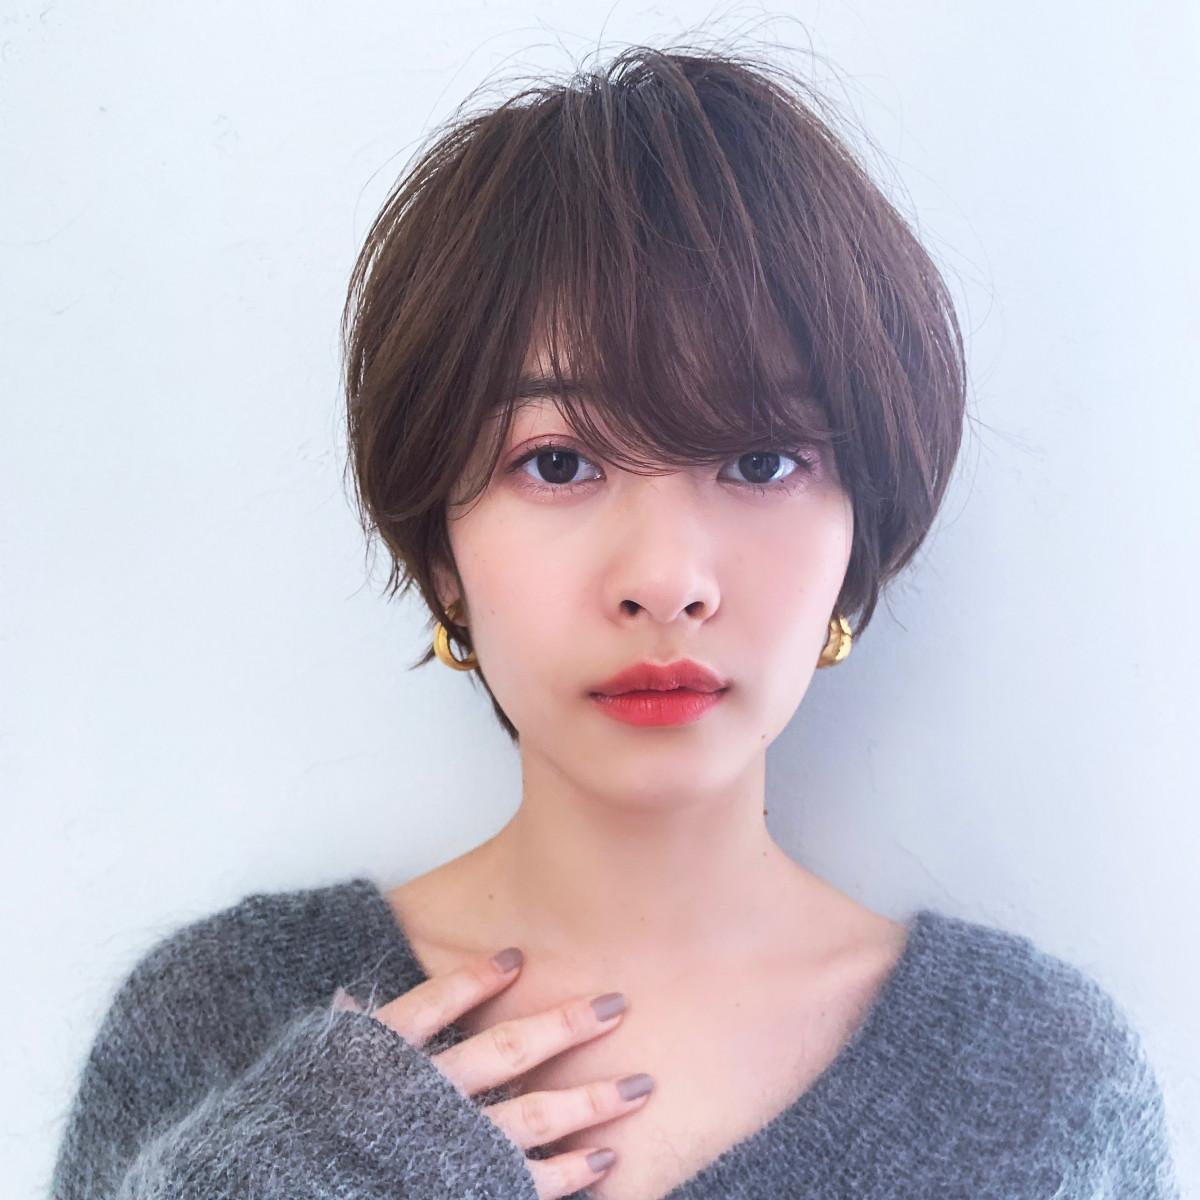 長め前髪×丸みシルエットが小顔効果に!